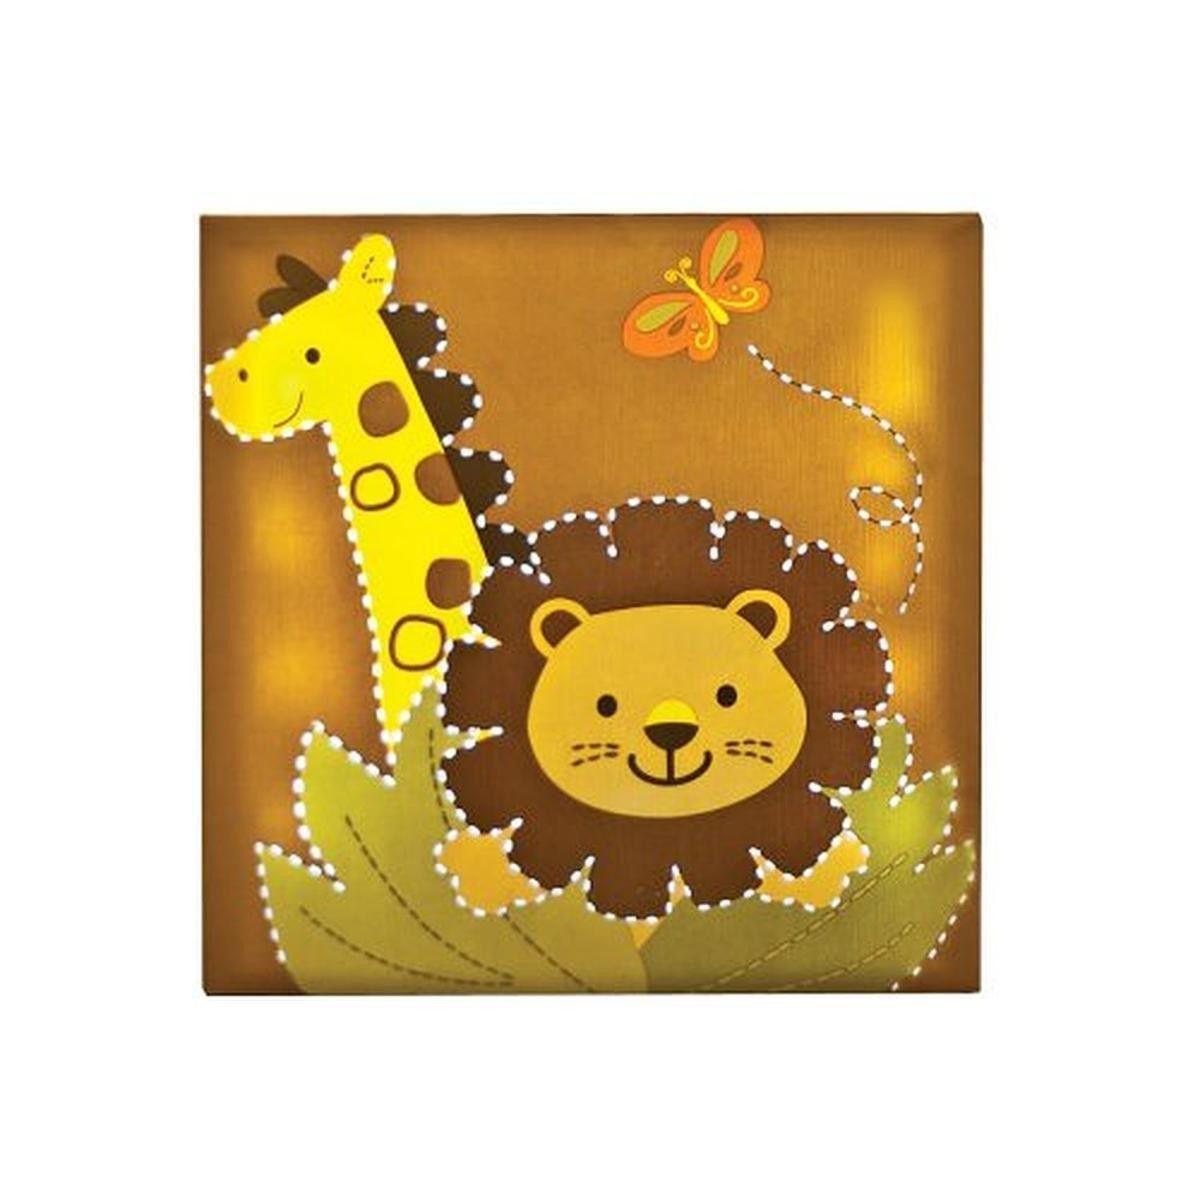 Safari Light Up Giraffe Lion Wall Decor | Wall decor, Giraffe and ...